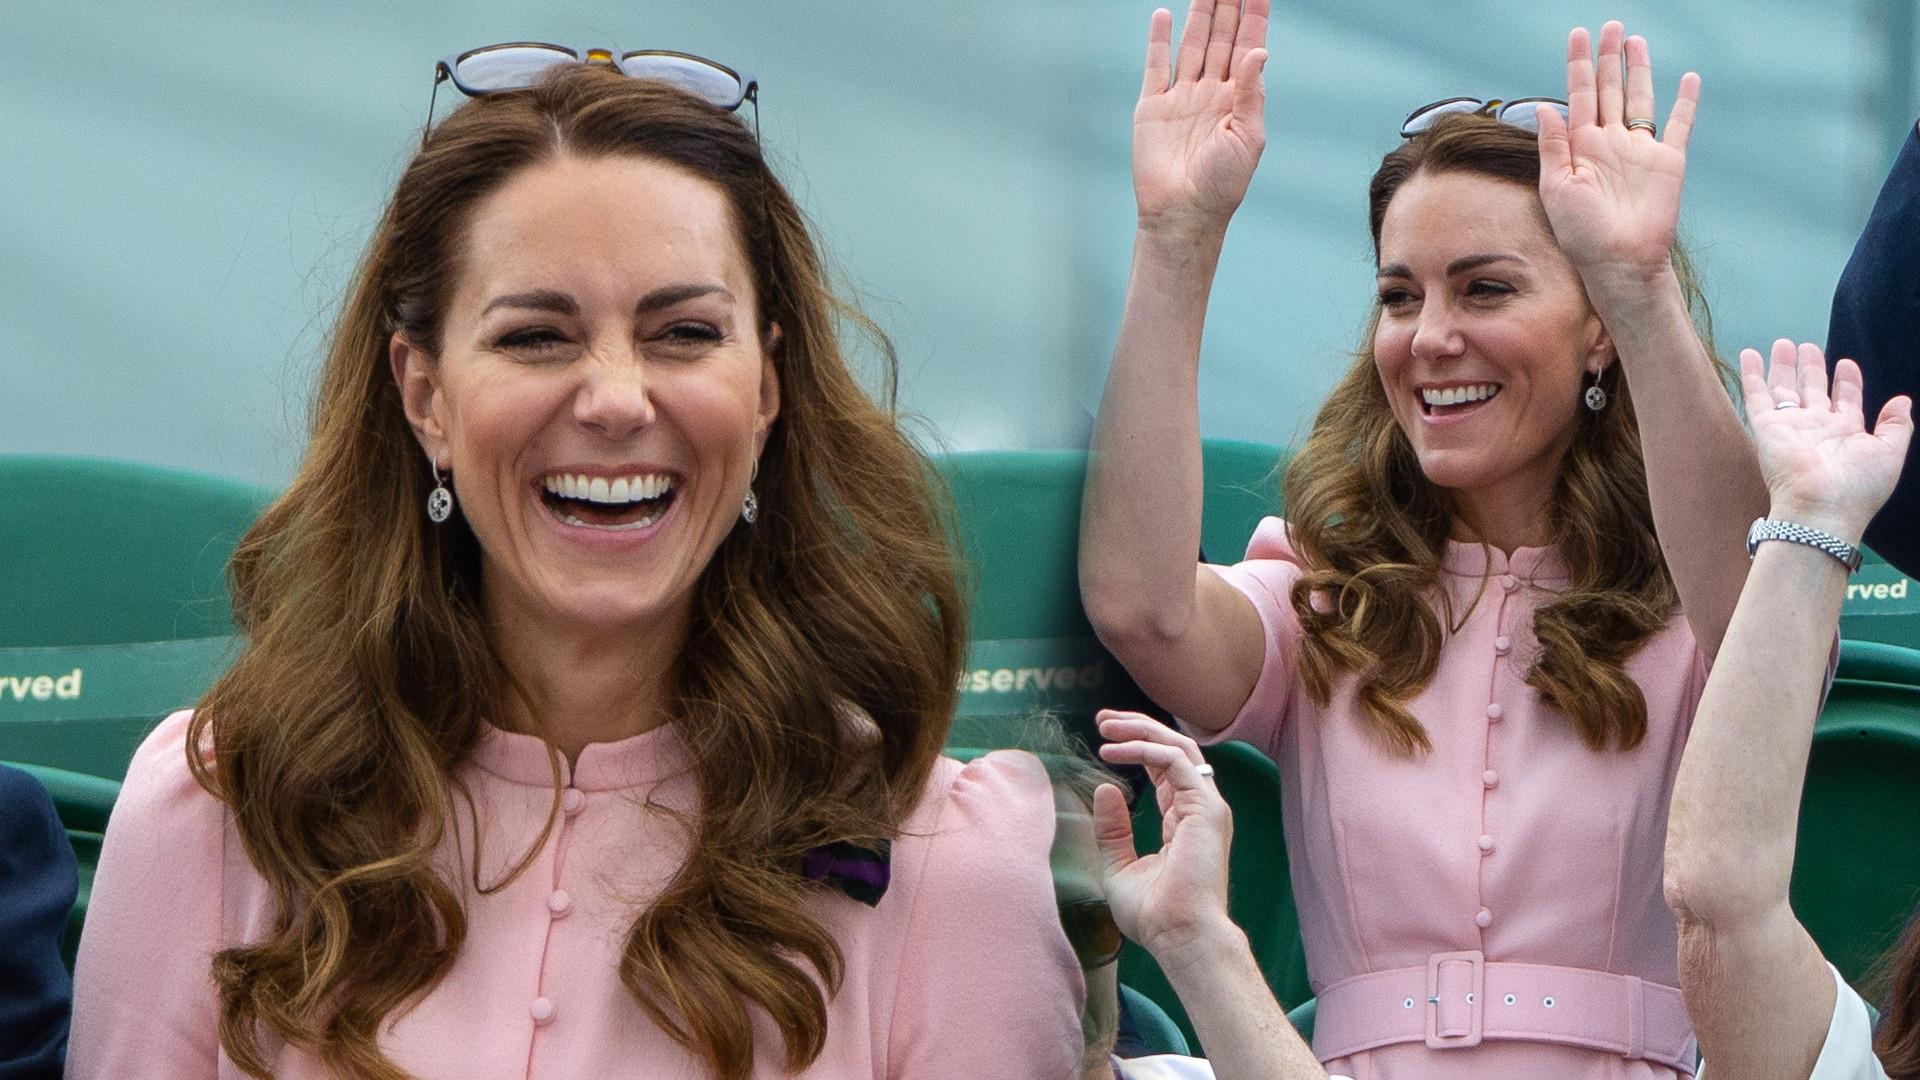 Księżna Kate na finale Wimbledonu w szpilkach z sieciówki. Na pewno szybko znikną z półek (ZDJĘCIA)